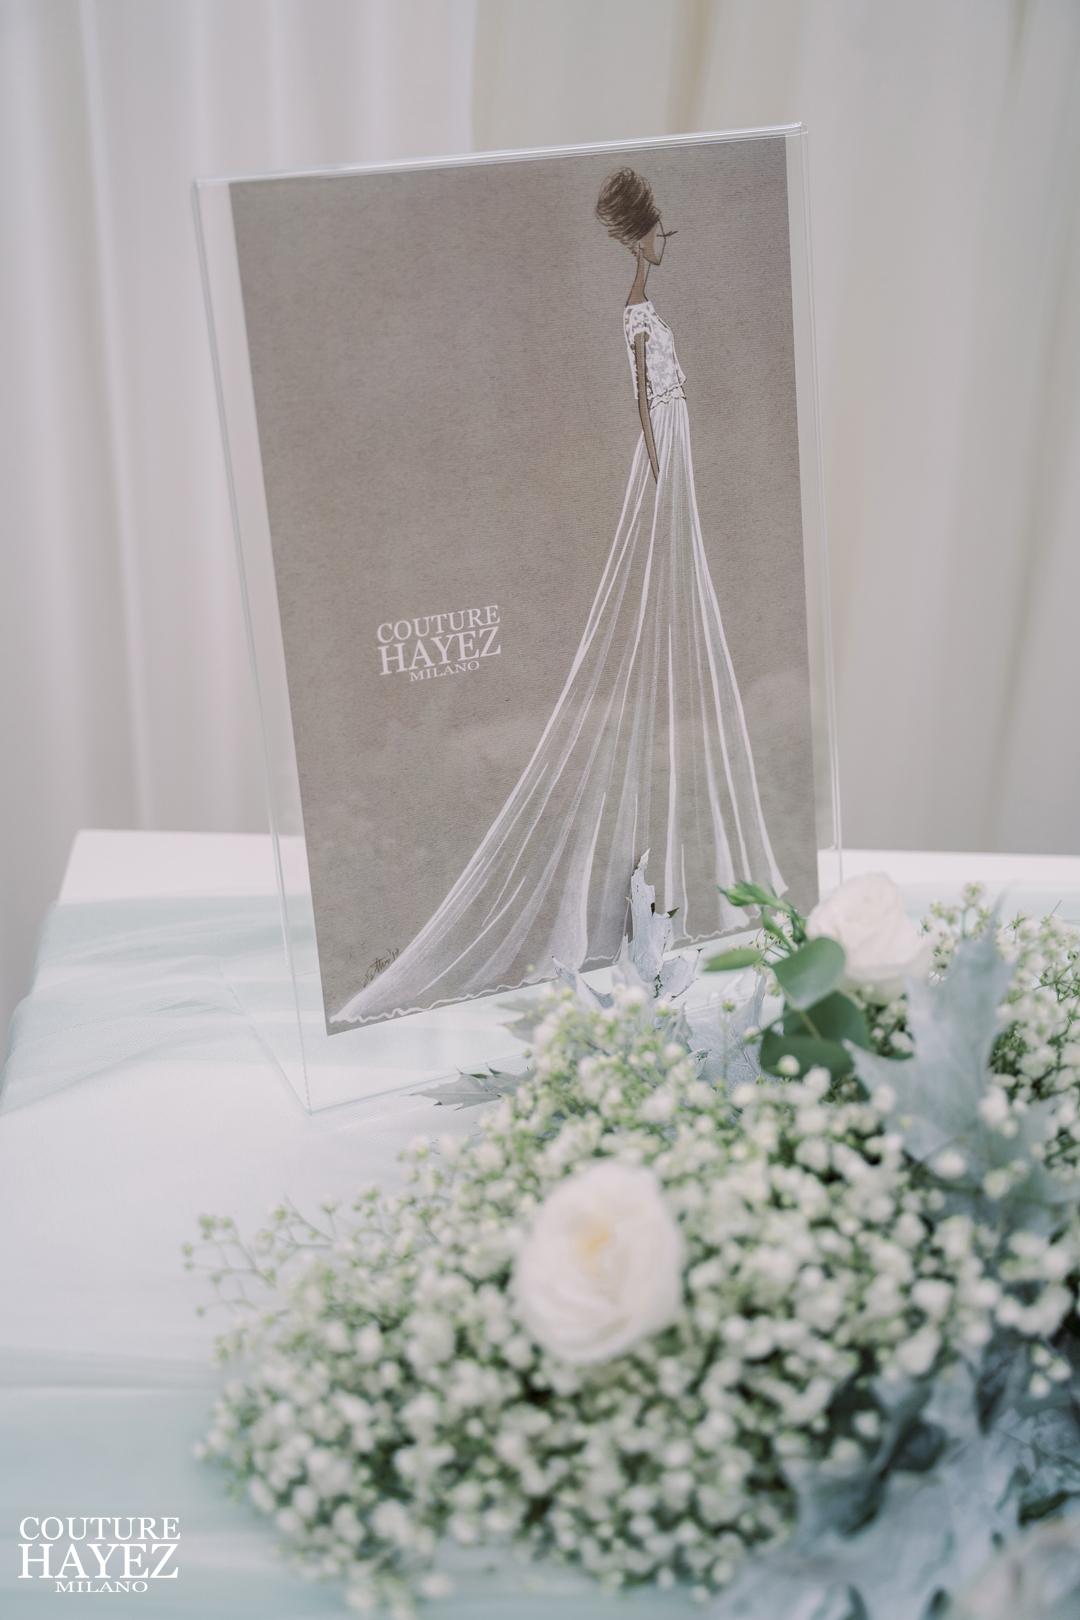 figurino abito da sposa couture hayez unico, abiti da sposa leggeri e raffinati